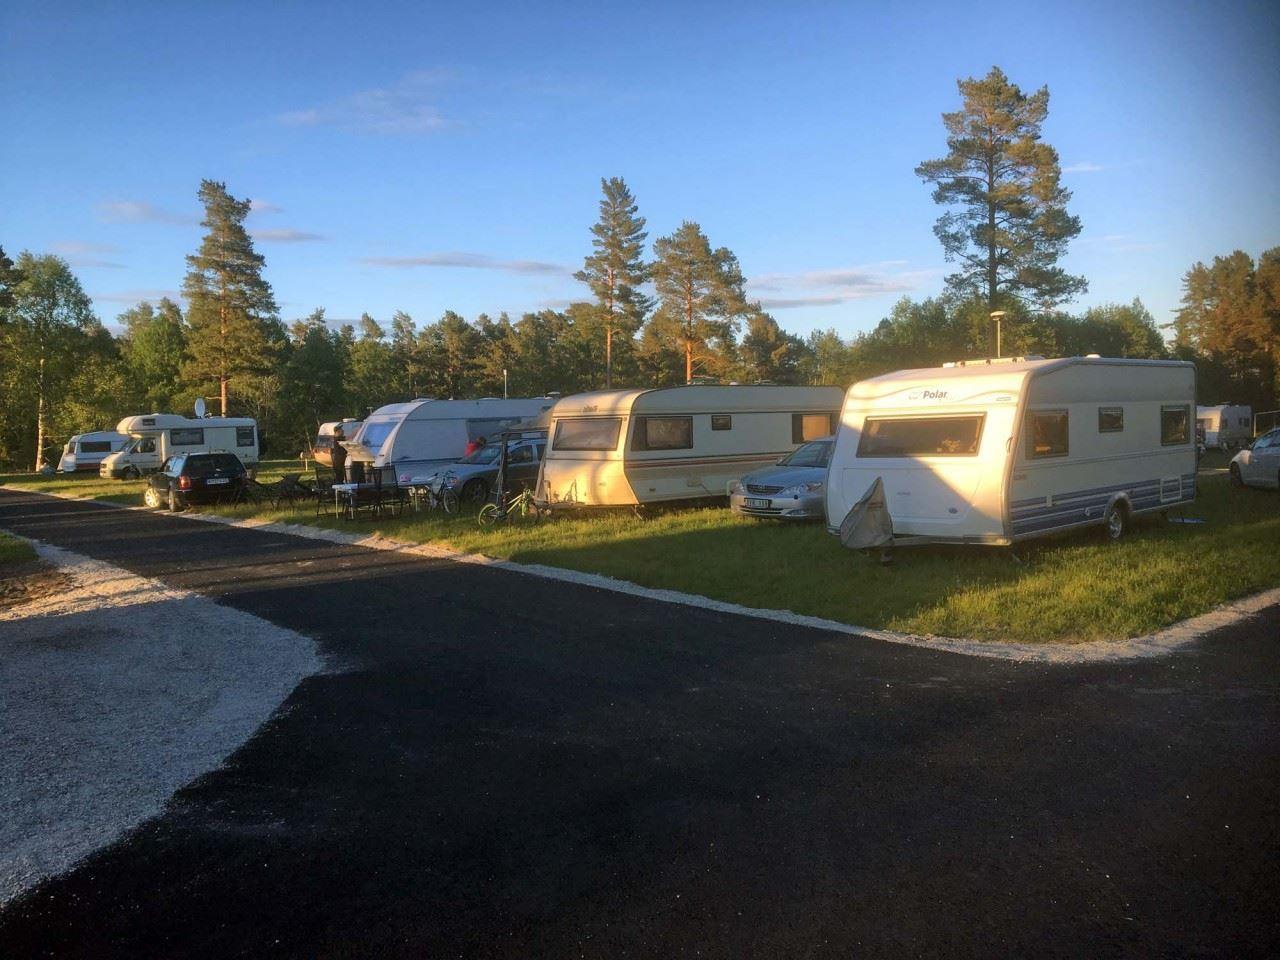 Sörfjärden Camping Hälsingland havsbad havsnära kustnära